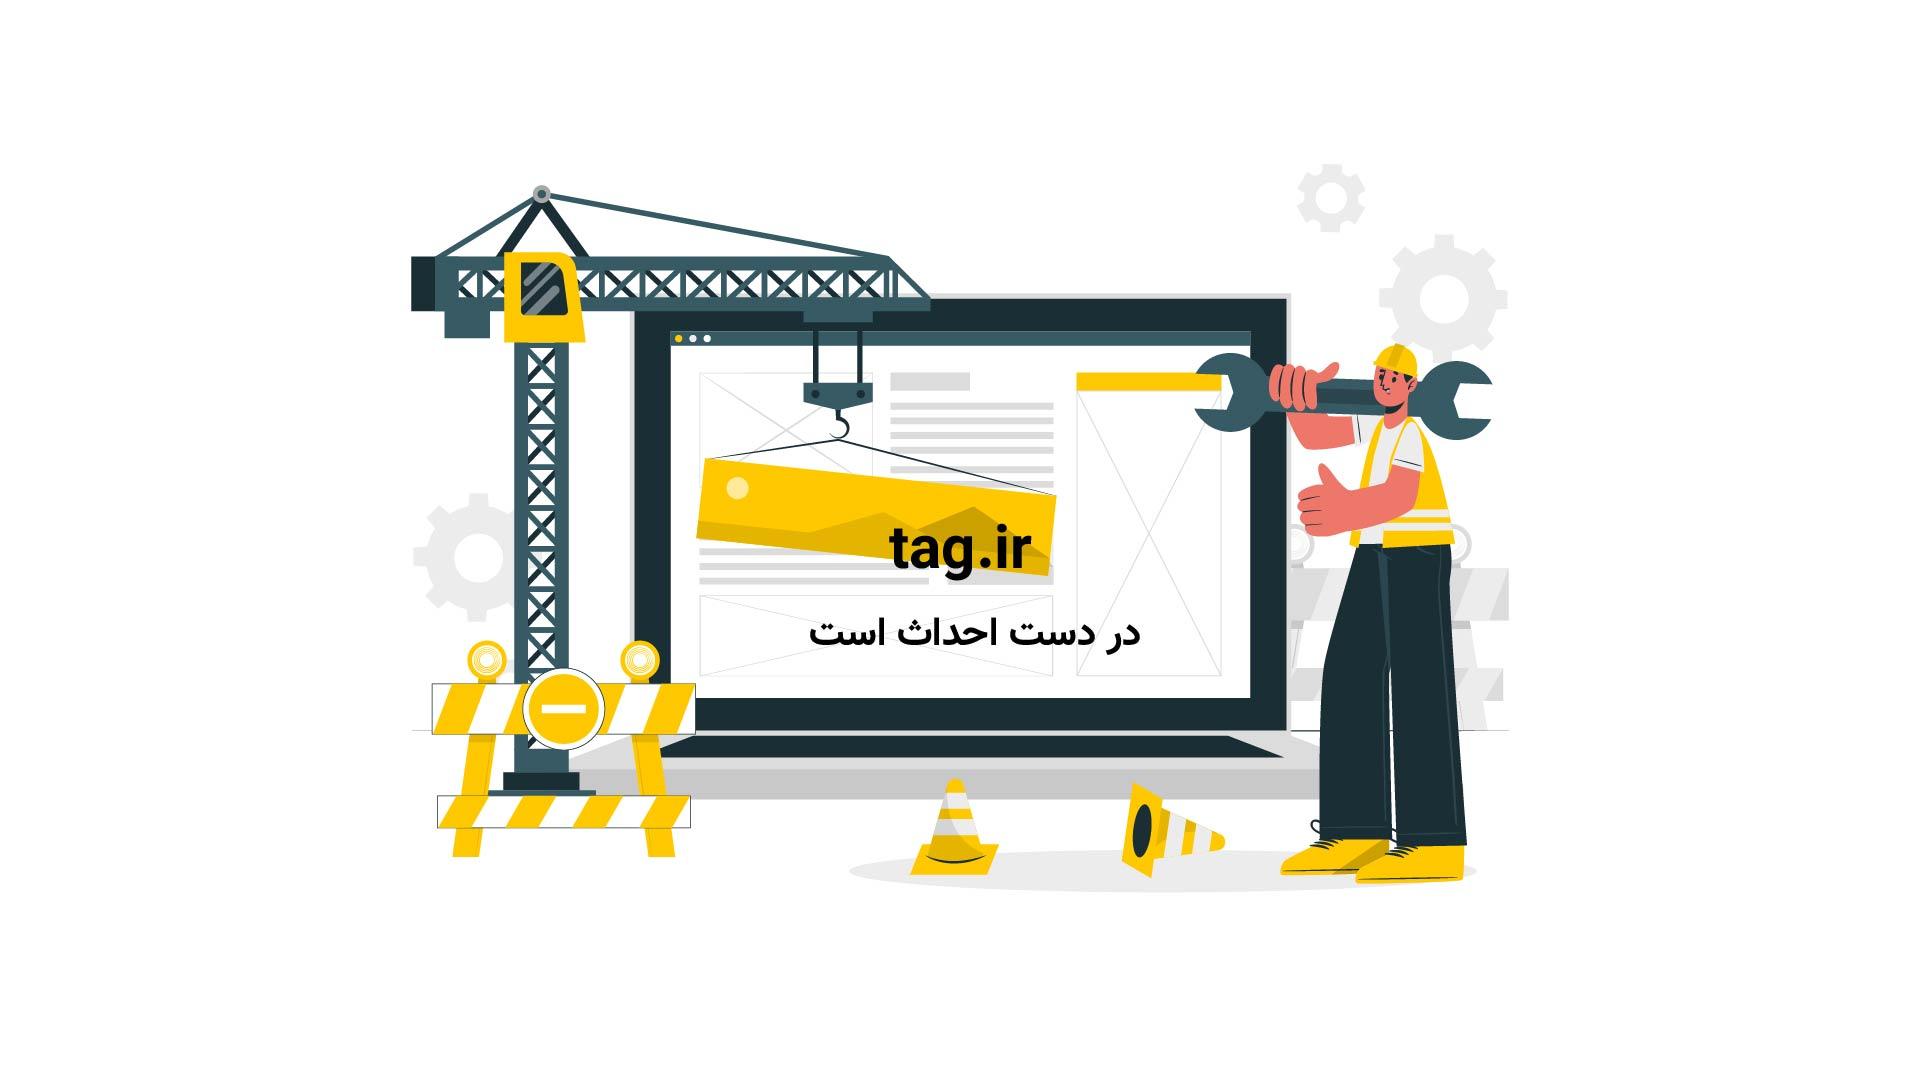 فیلم معرفی آنتونیو گوتیرس؛ نامزد پیشتاز دبیرکلی سازمان ملل